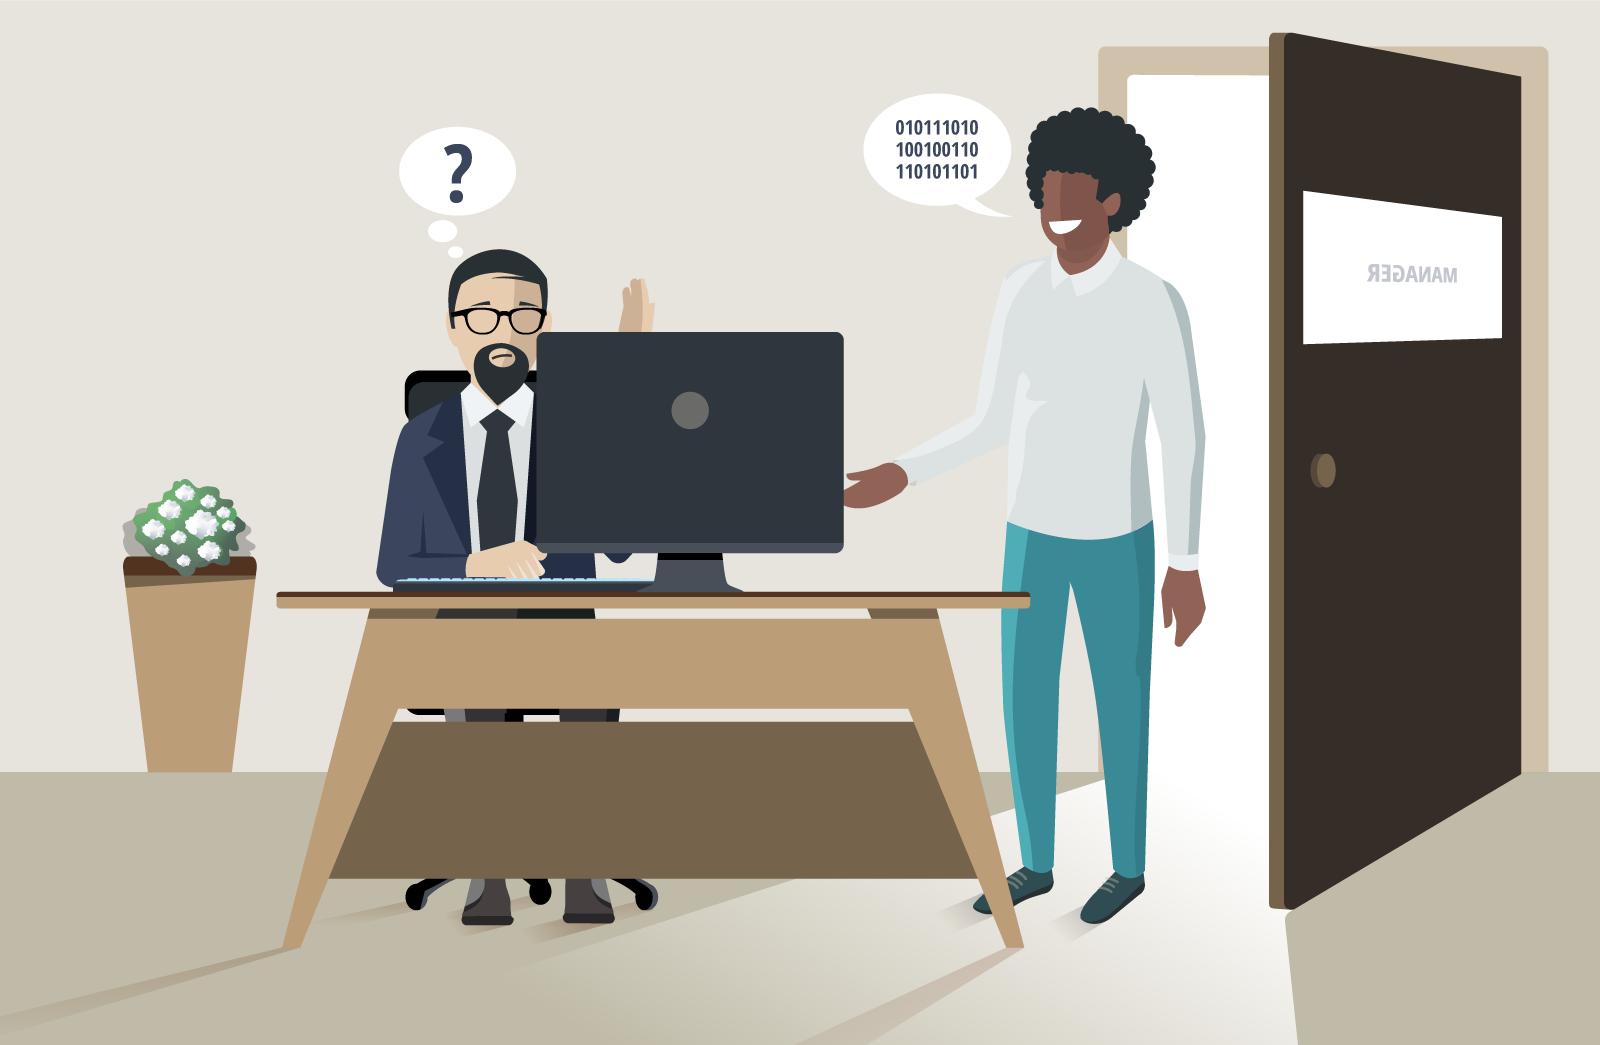 Ein junger Kollege hilft seinem Chef mit neuen Technologien